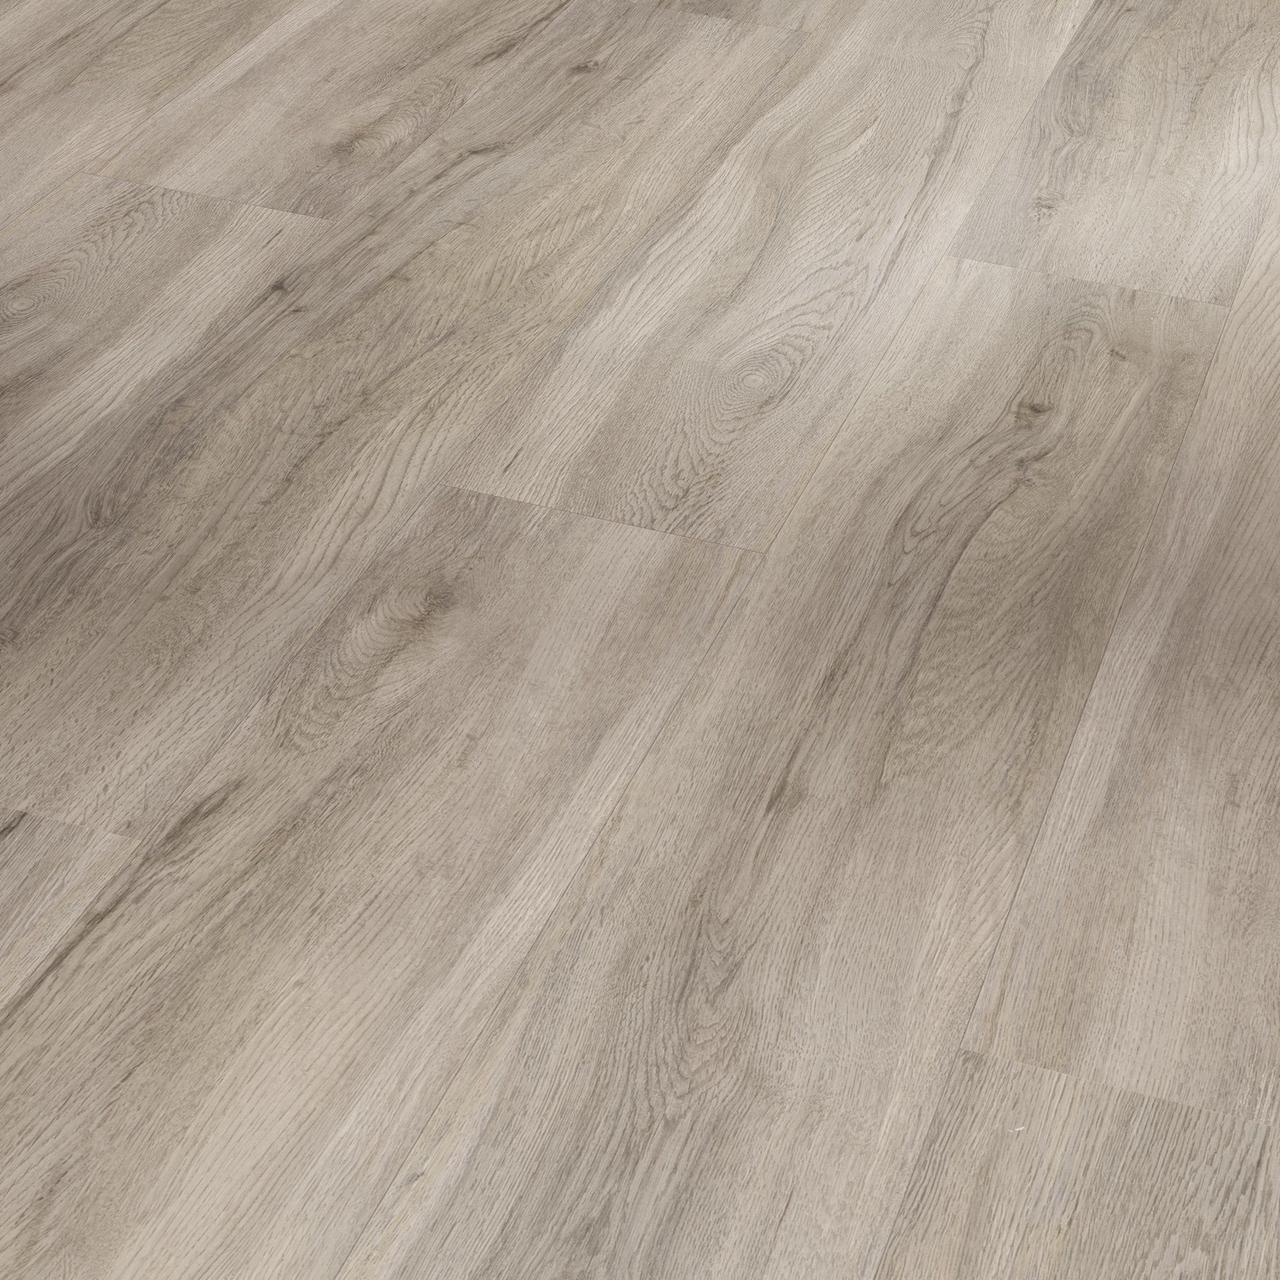 Вінілові покриття Parador Дуб пастельно-сірий (Oak pastel-grey)